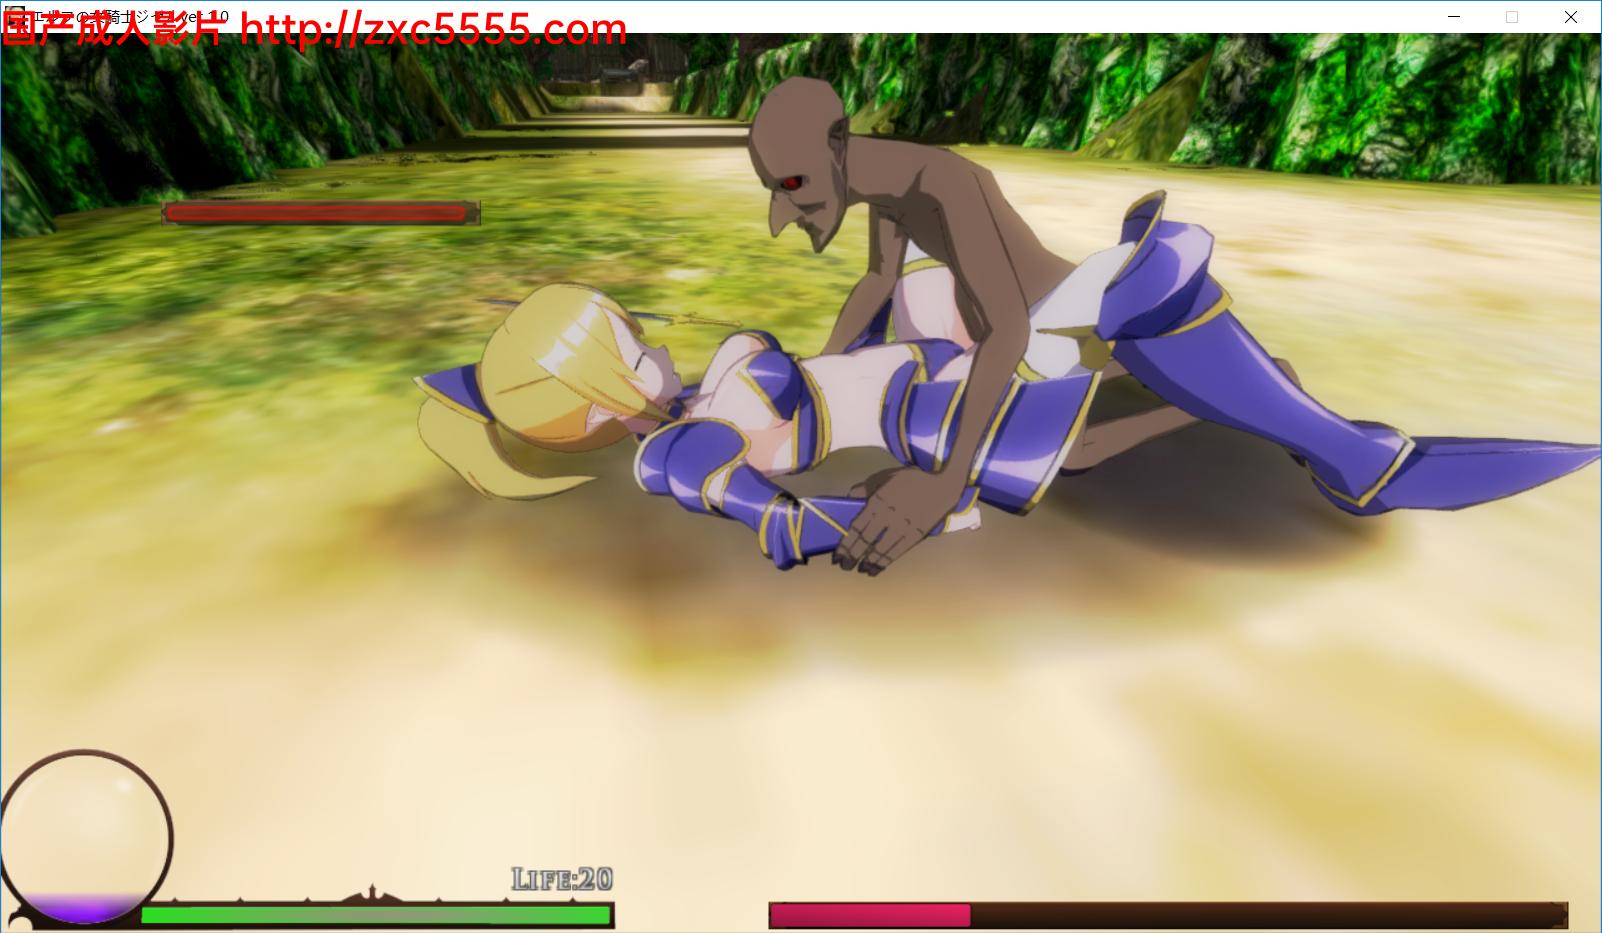 【女骑士】精灵骑士吉赛尔 エルフの騎士ジゼル【ACT/全动态/3D/3.75G】